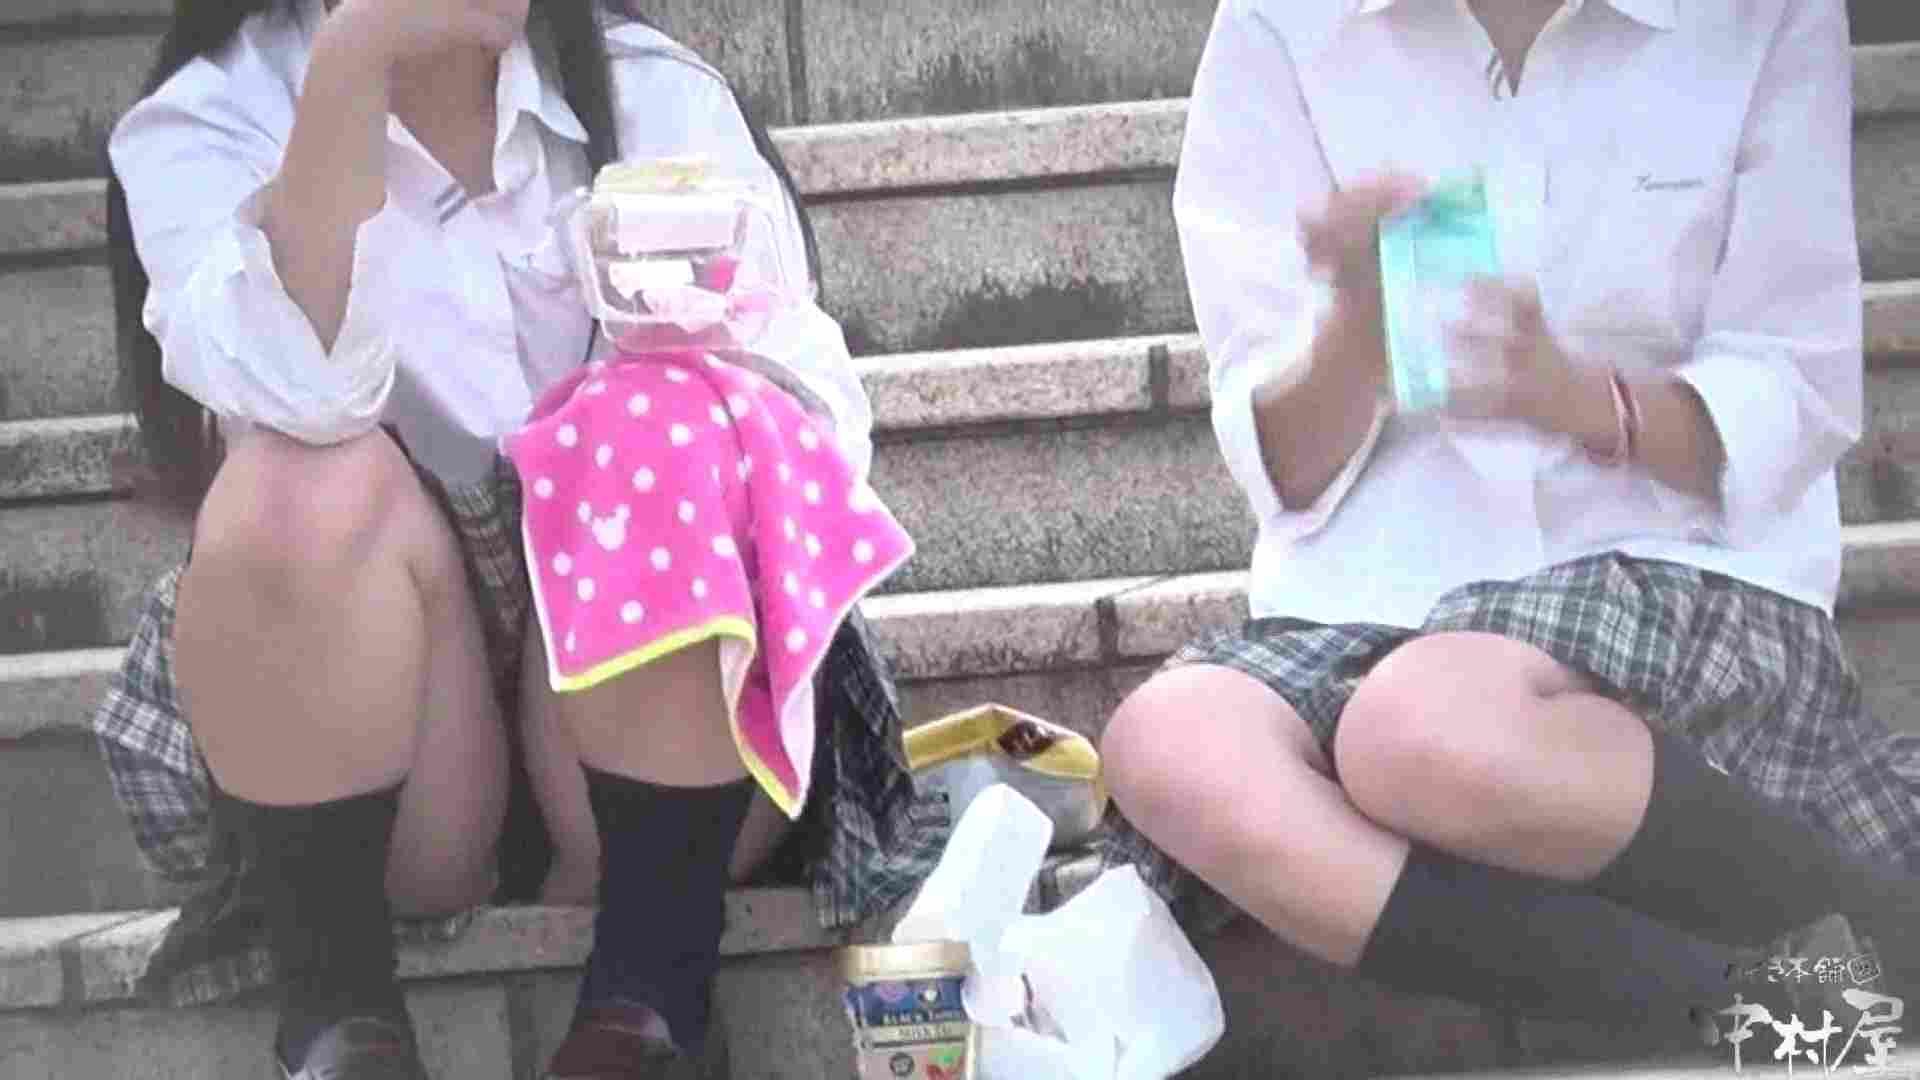 ドキドキ❤新入生パンチラ歓迎会vol.22 チラ | 乙女のエロ動画  77PIX 45